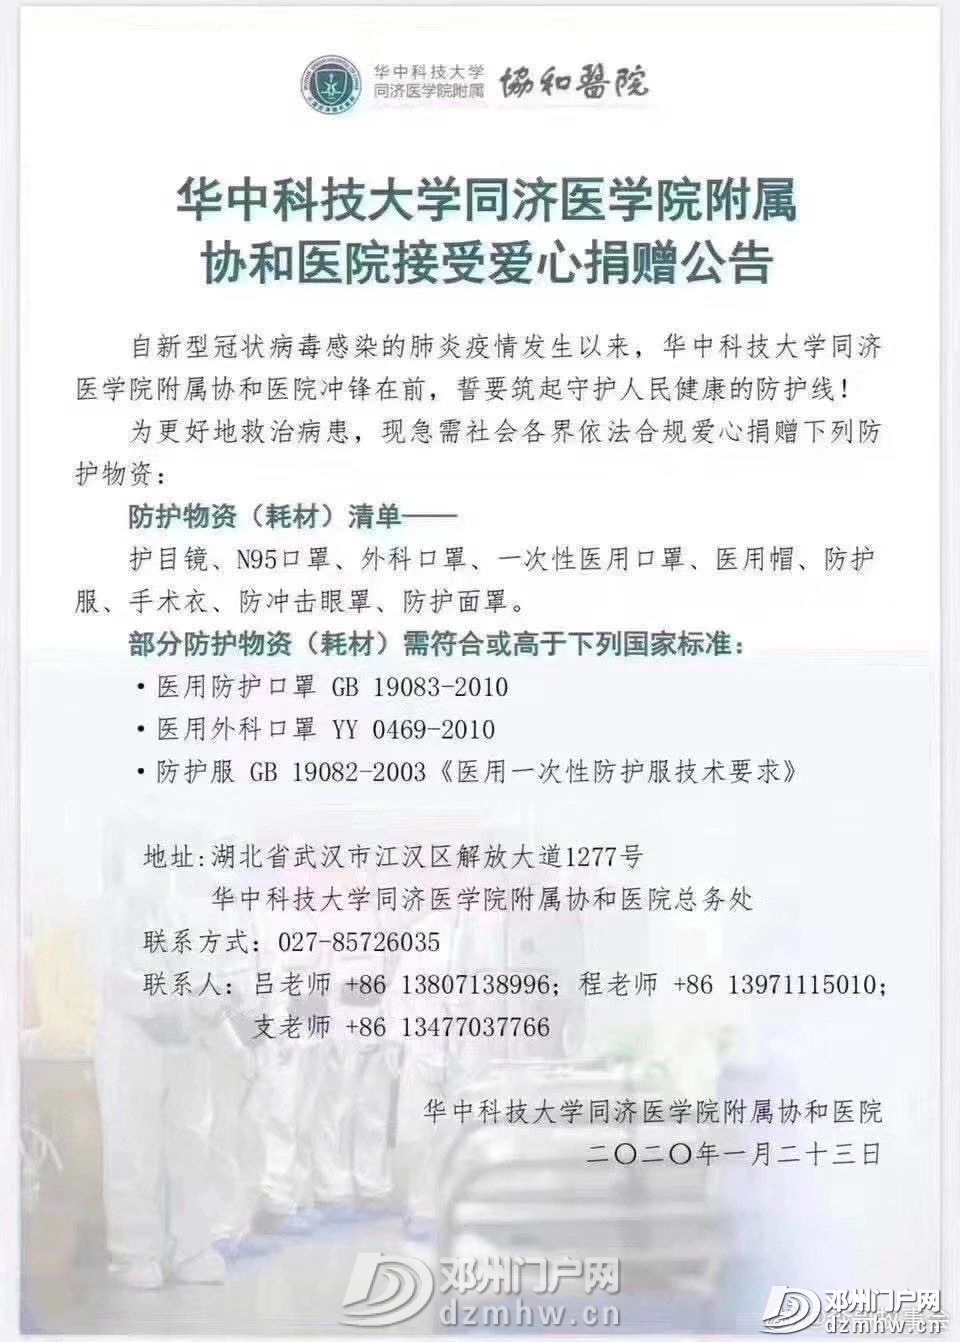 武汉医生向全国发出声嘶力竭的SOS求援信号! - 邓州门户网|邓州网 - cadb080f898116201e95c974bf66c9d3.jpg